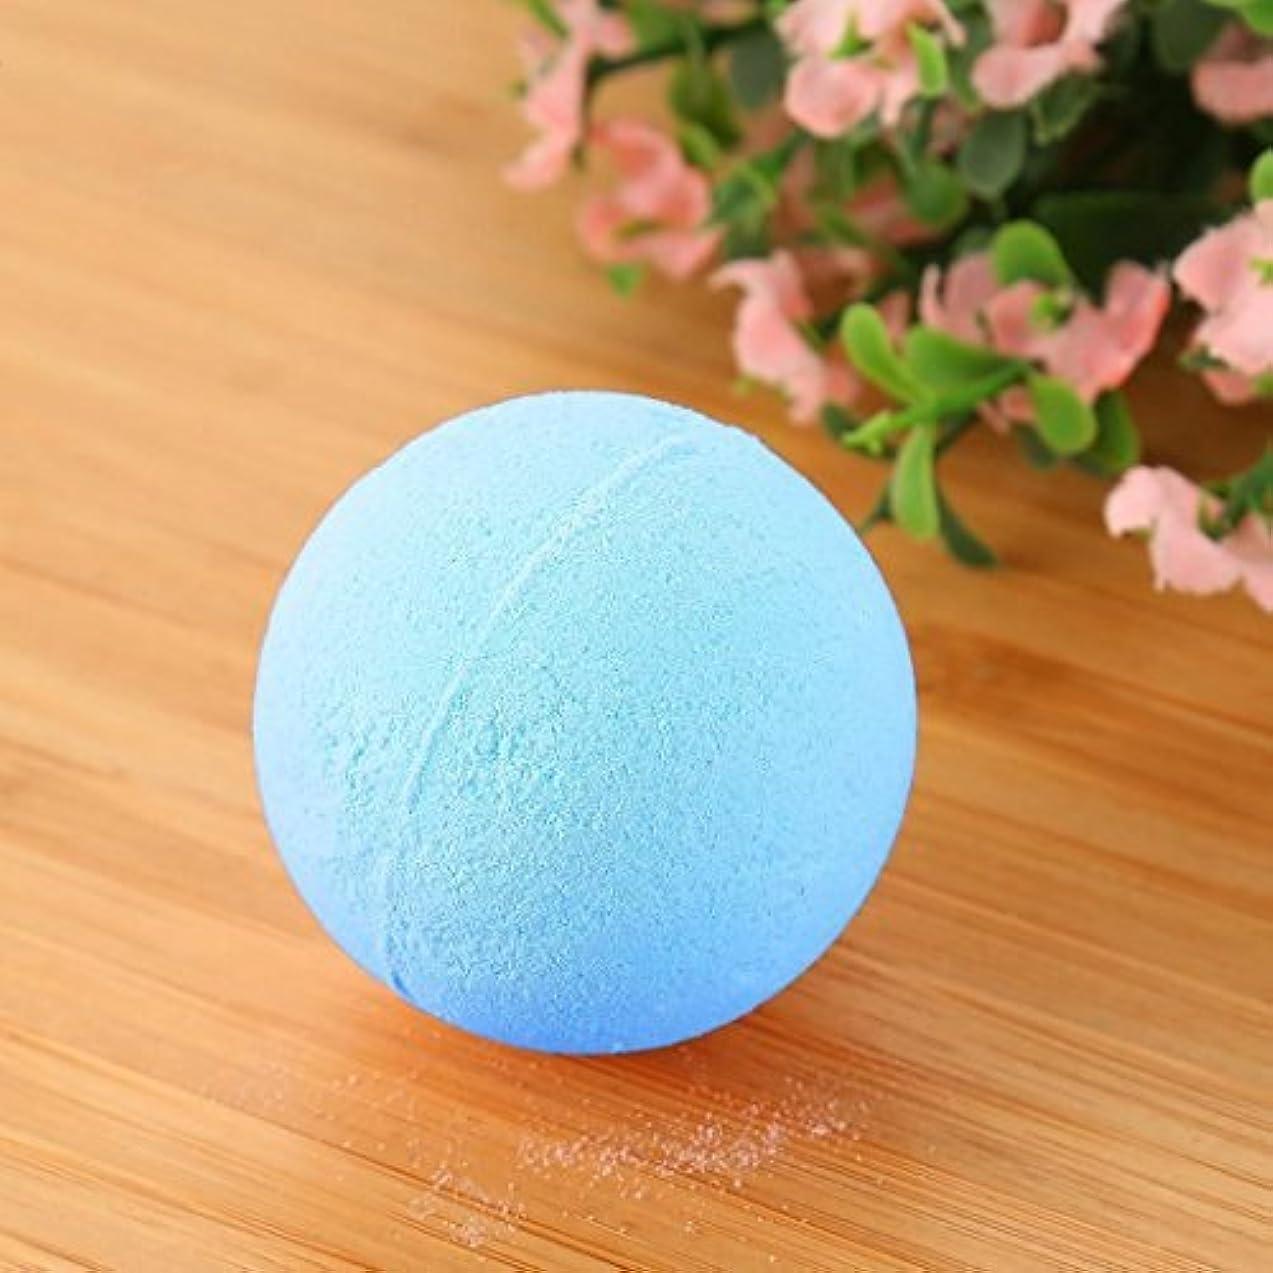 運命収益解くバブルボール塩塩浴リラックス女性のための贈り物